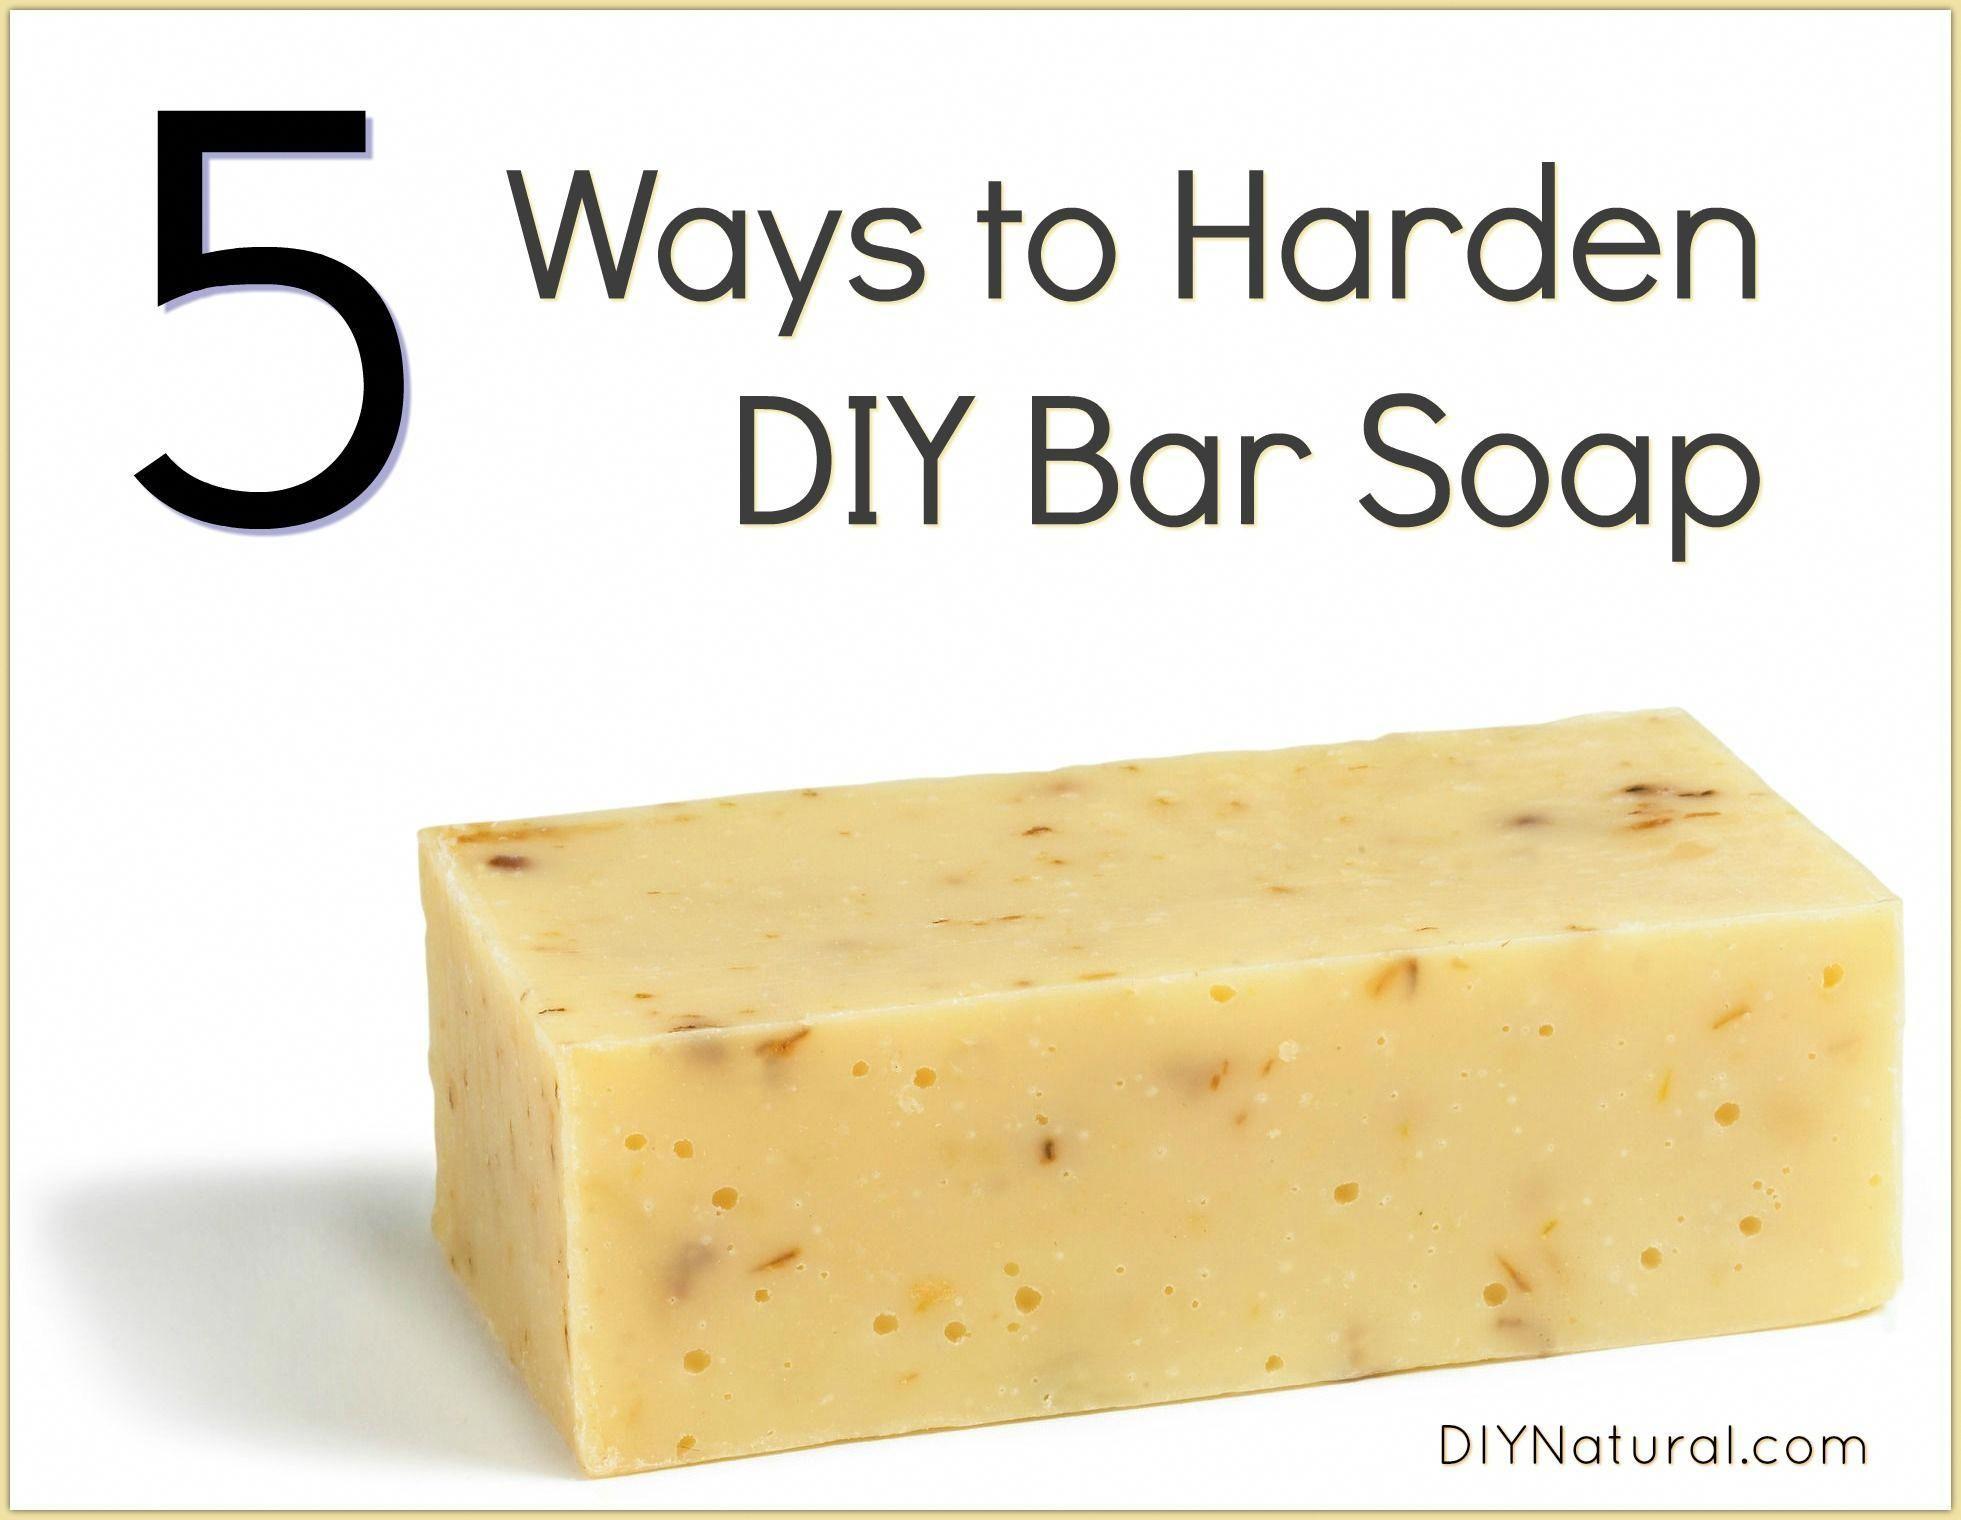 Diy Bar Soap 5 Ways To Make Homemade Bars Of Soap Super Hard Homemade Soap Recipes Home Made Soap Bar Soap